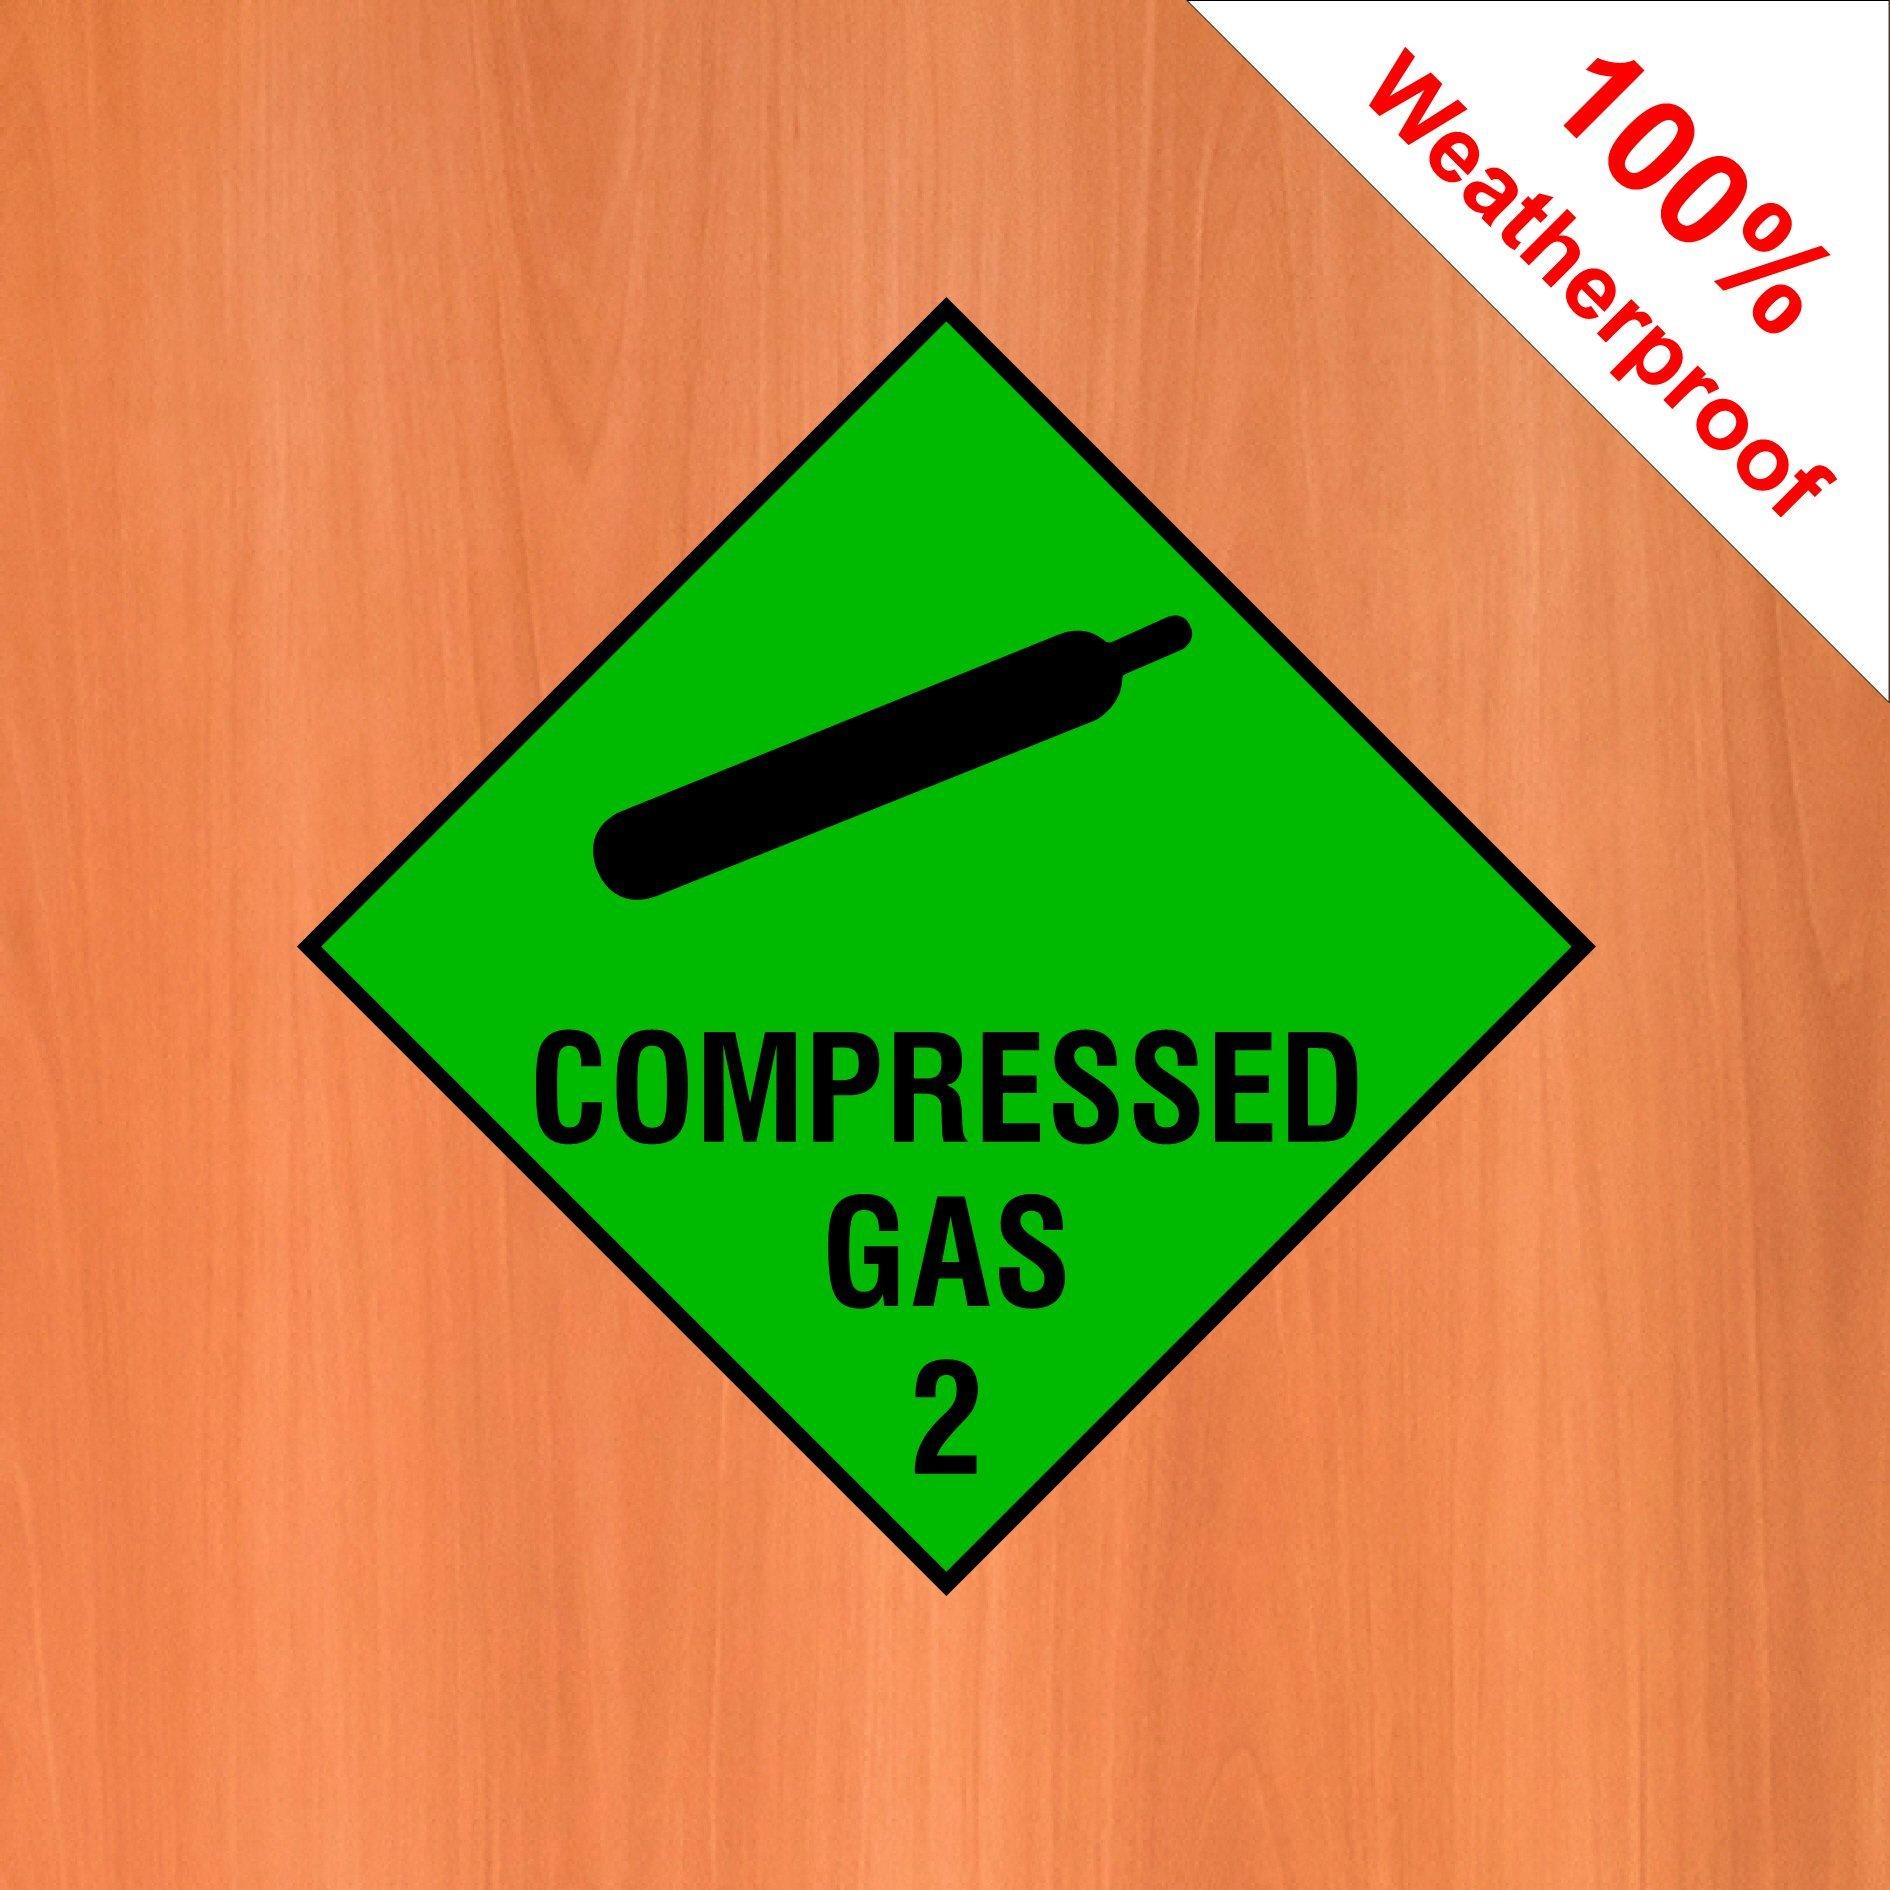 Gas sticker photo